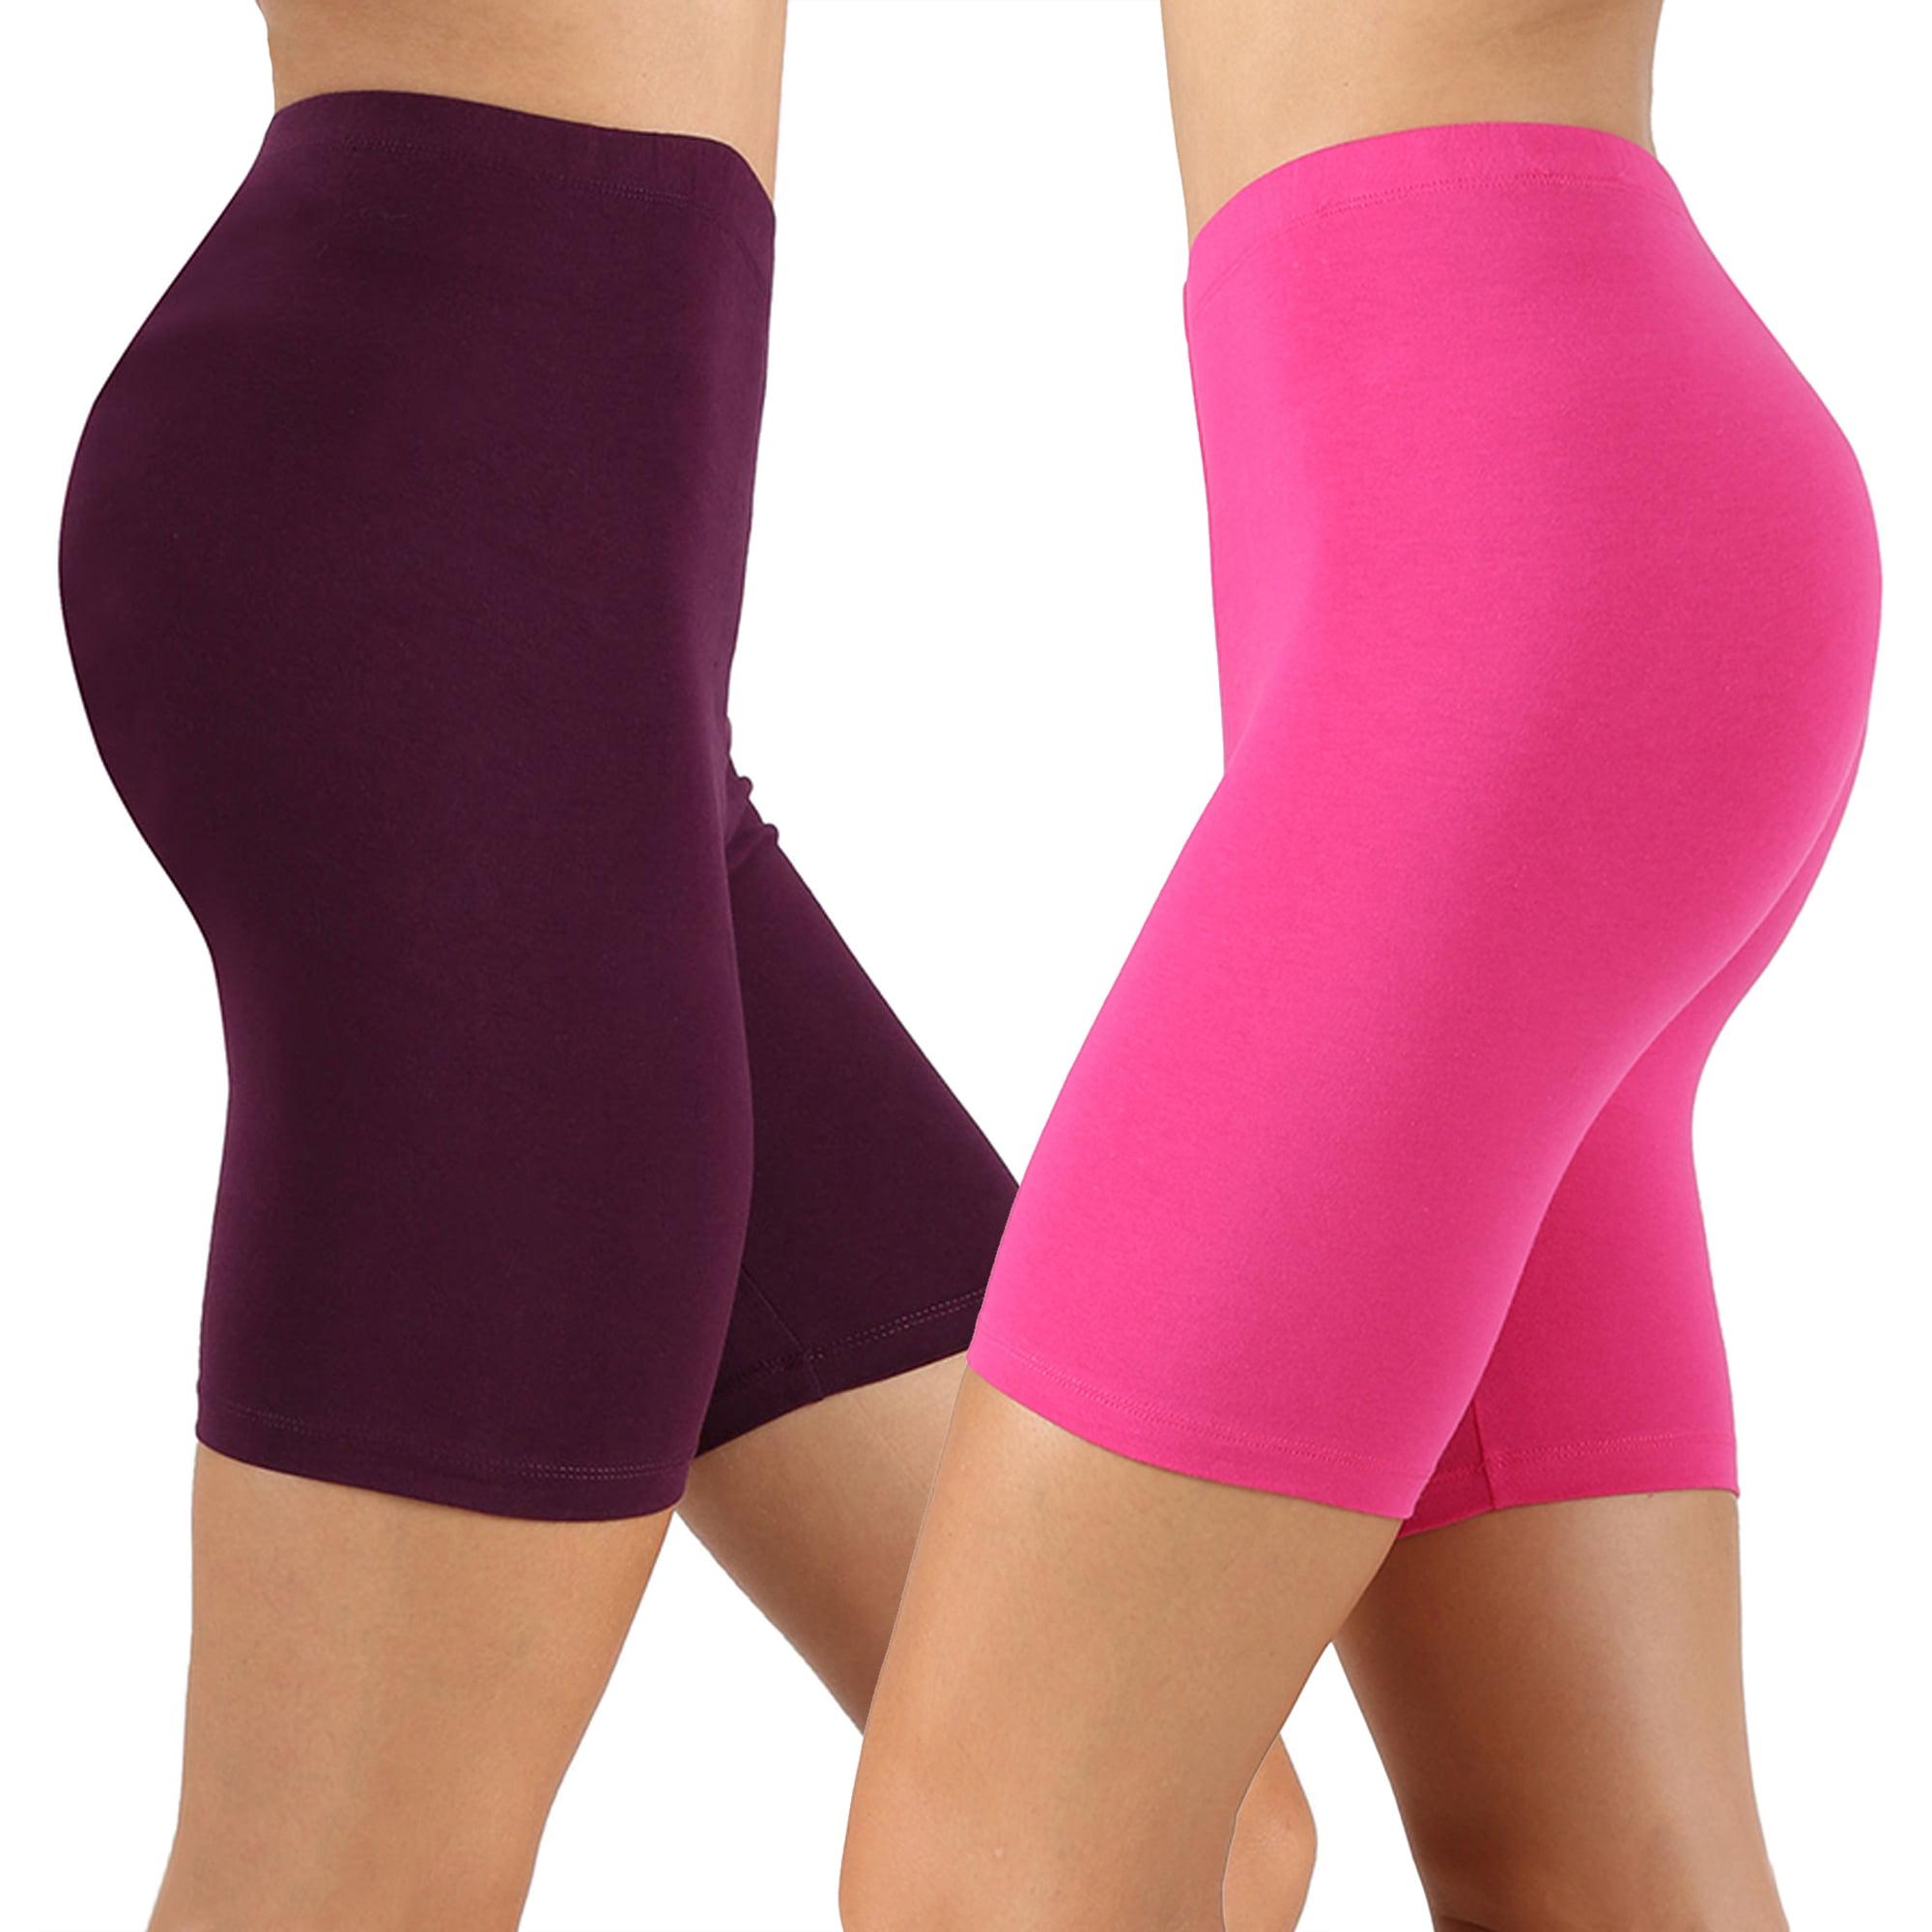 by Ren/é Rof/é Womens Shapewear Slip Shorts Nylon Spandex Stretch Shaping Shorts F.I.T 3-Pack Bikeshorts